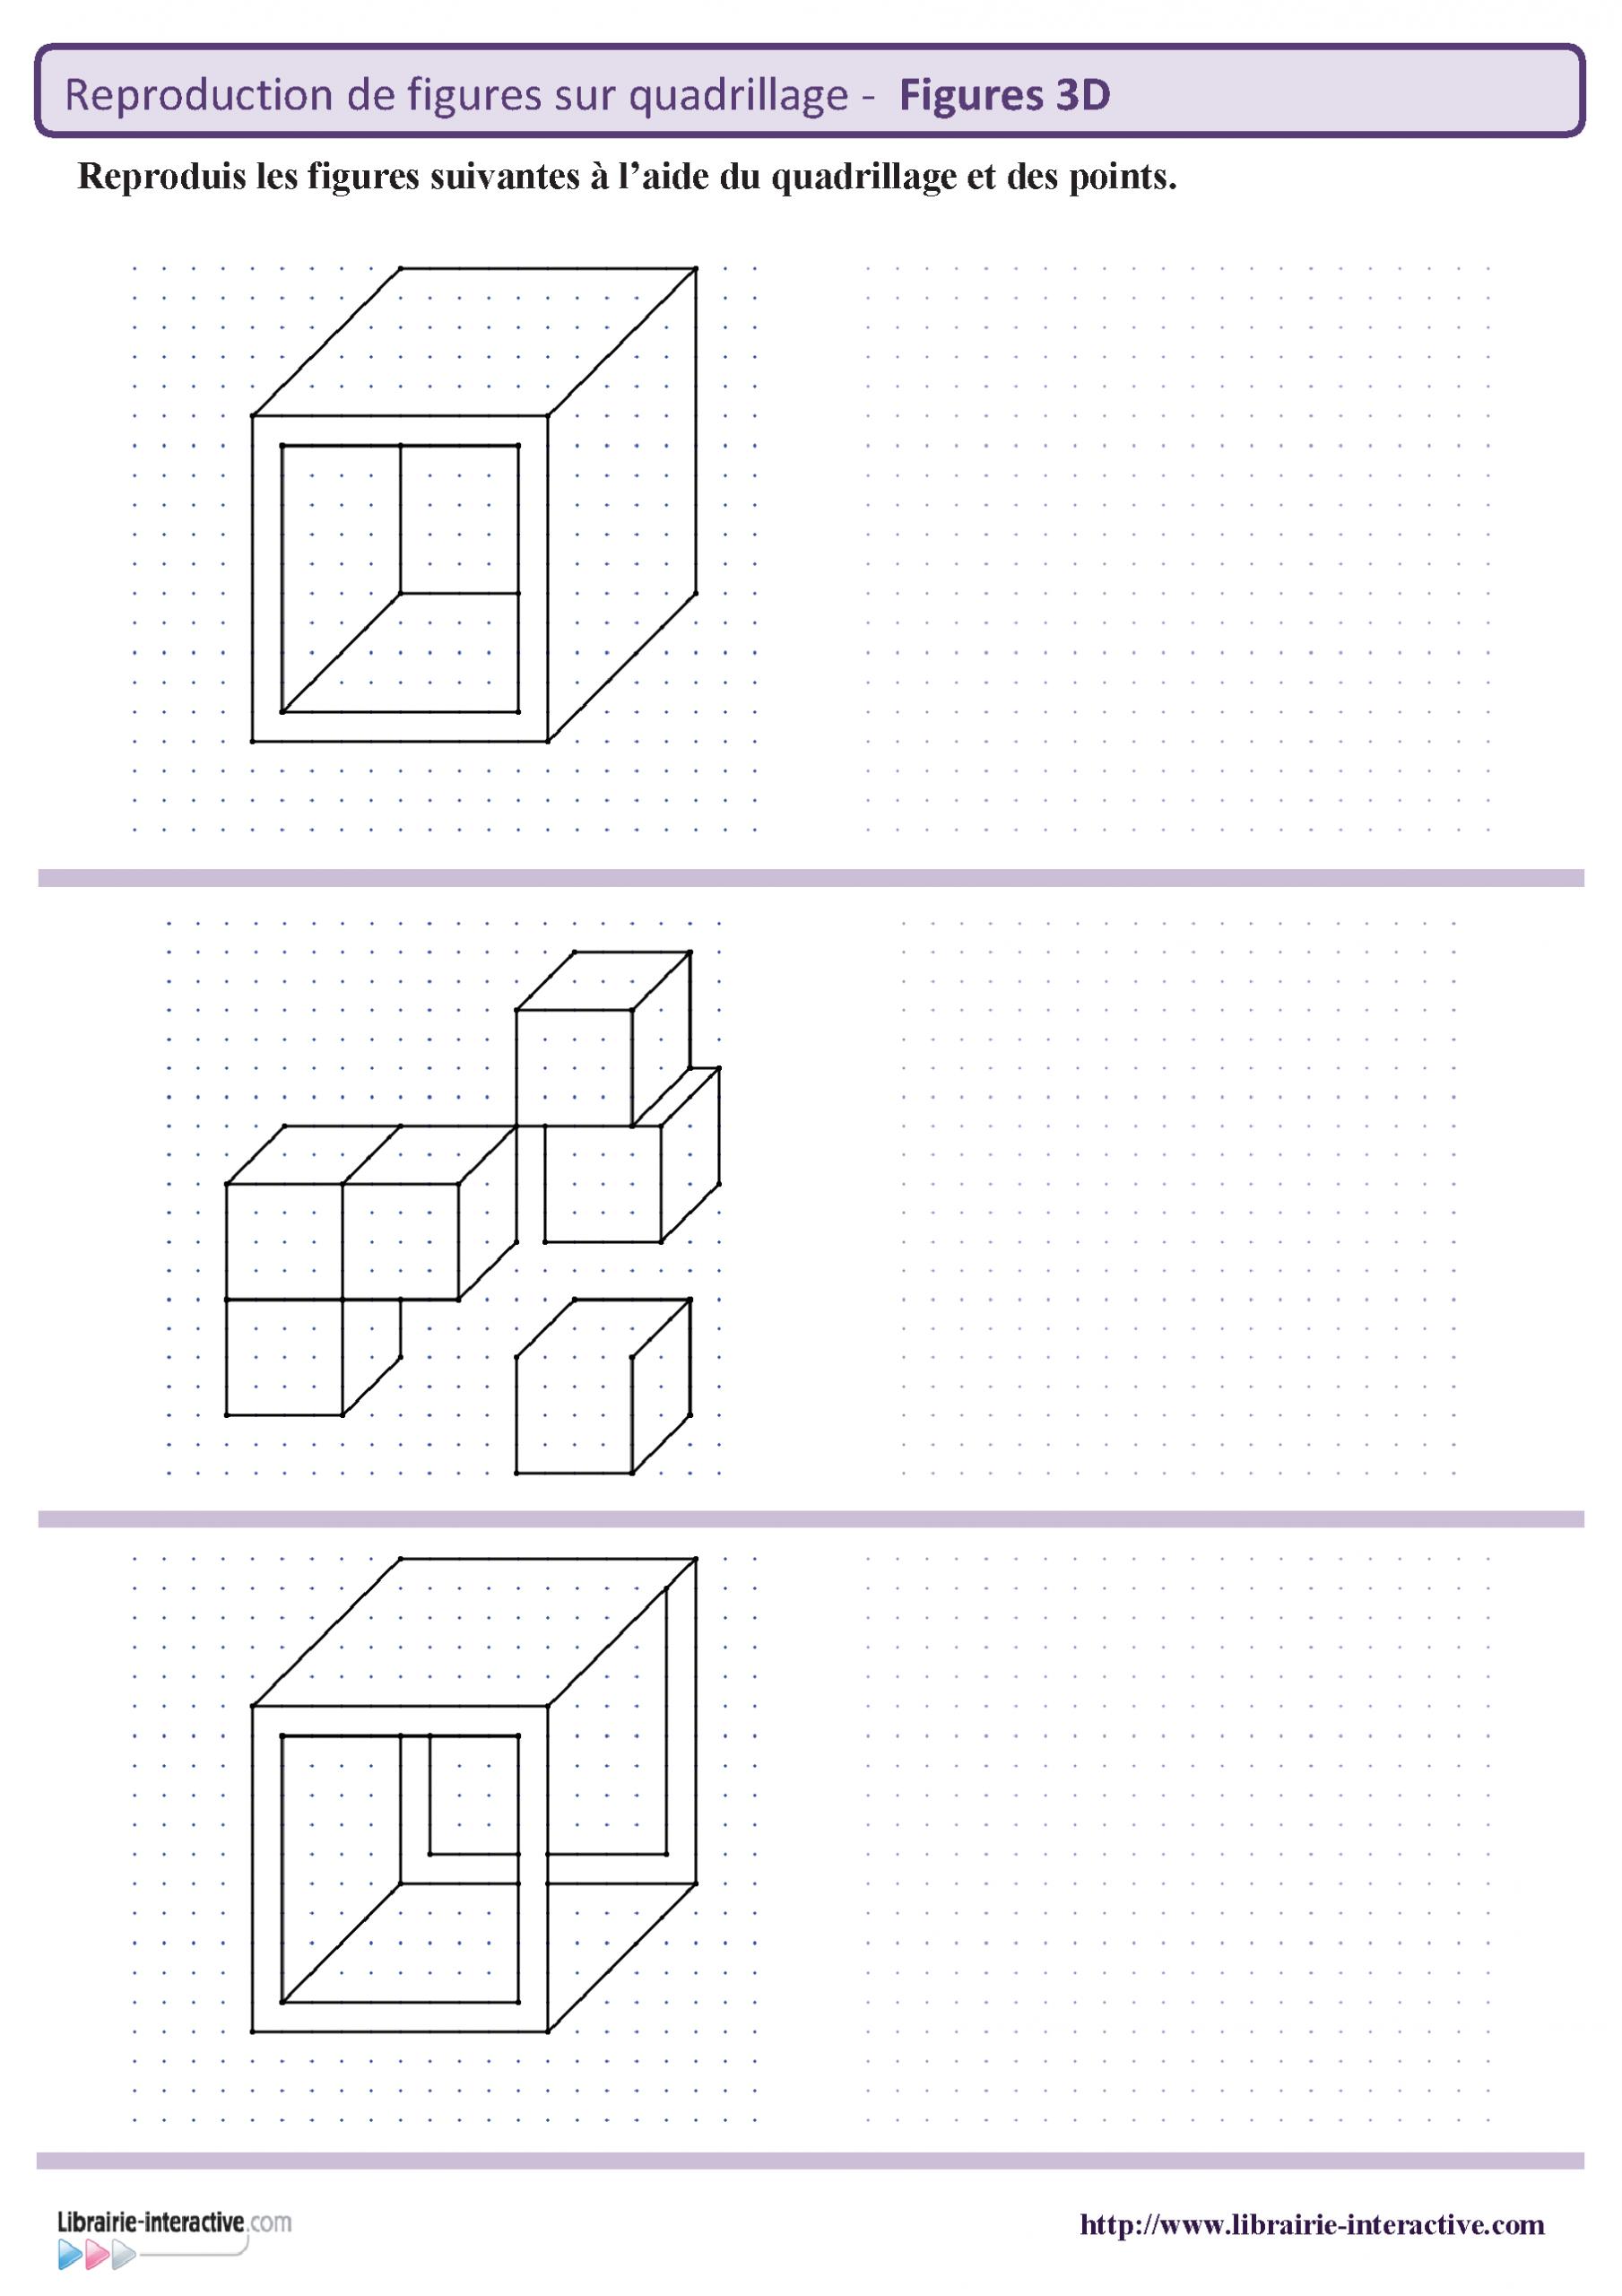 8 Fiches Avec Chacune 3 Figures En 3 Dimensions À Reproduire destiné Reproduction De Figures Ce1